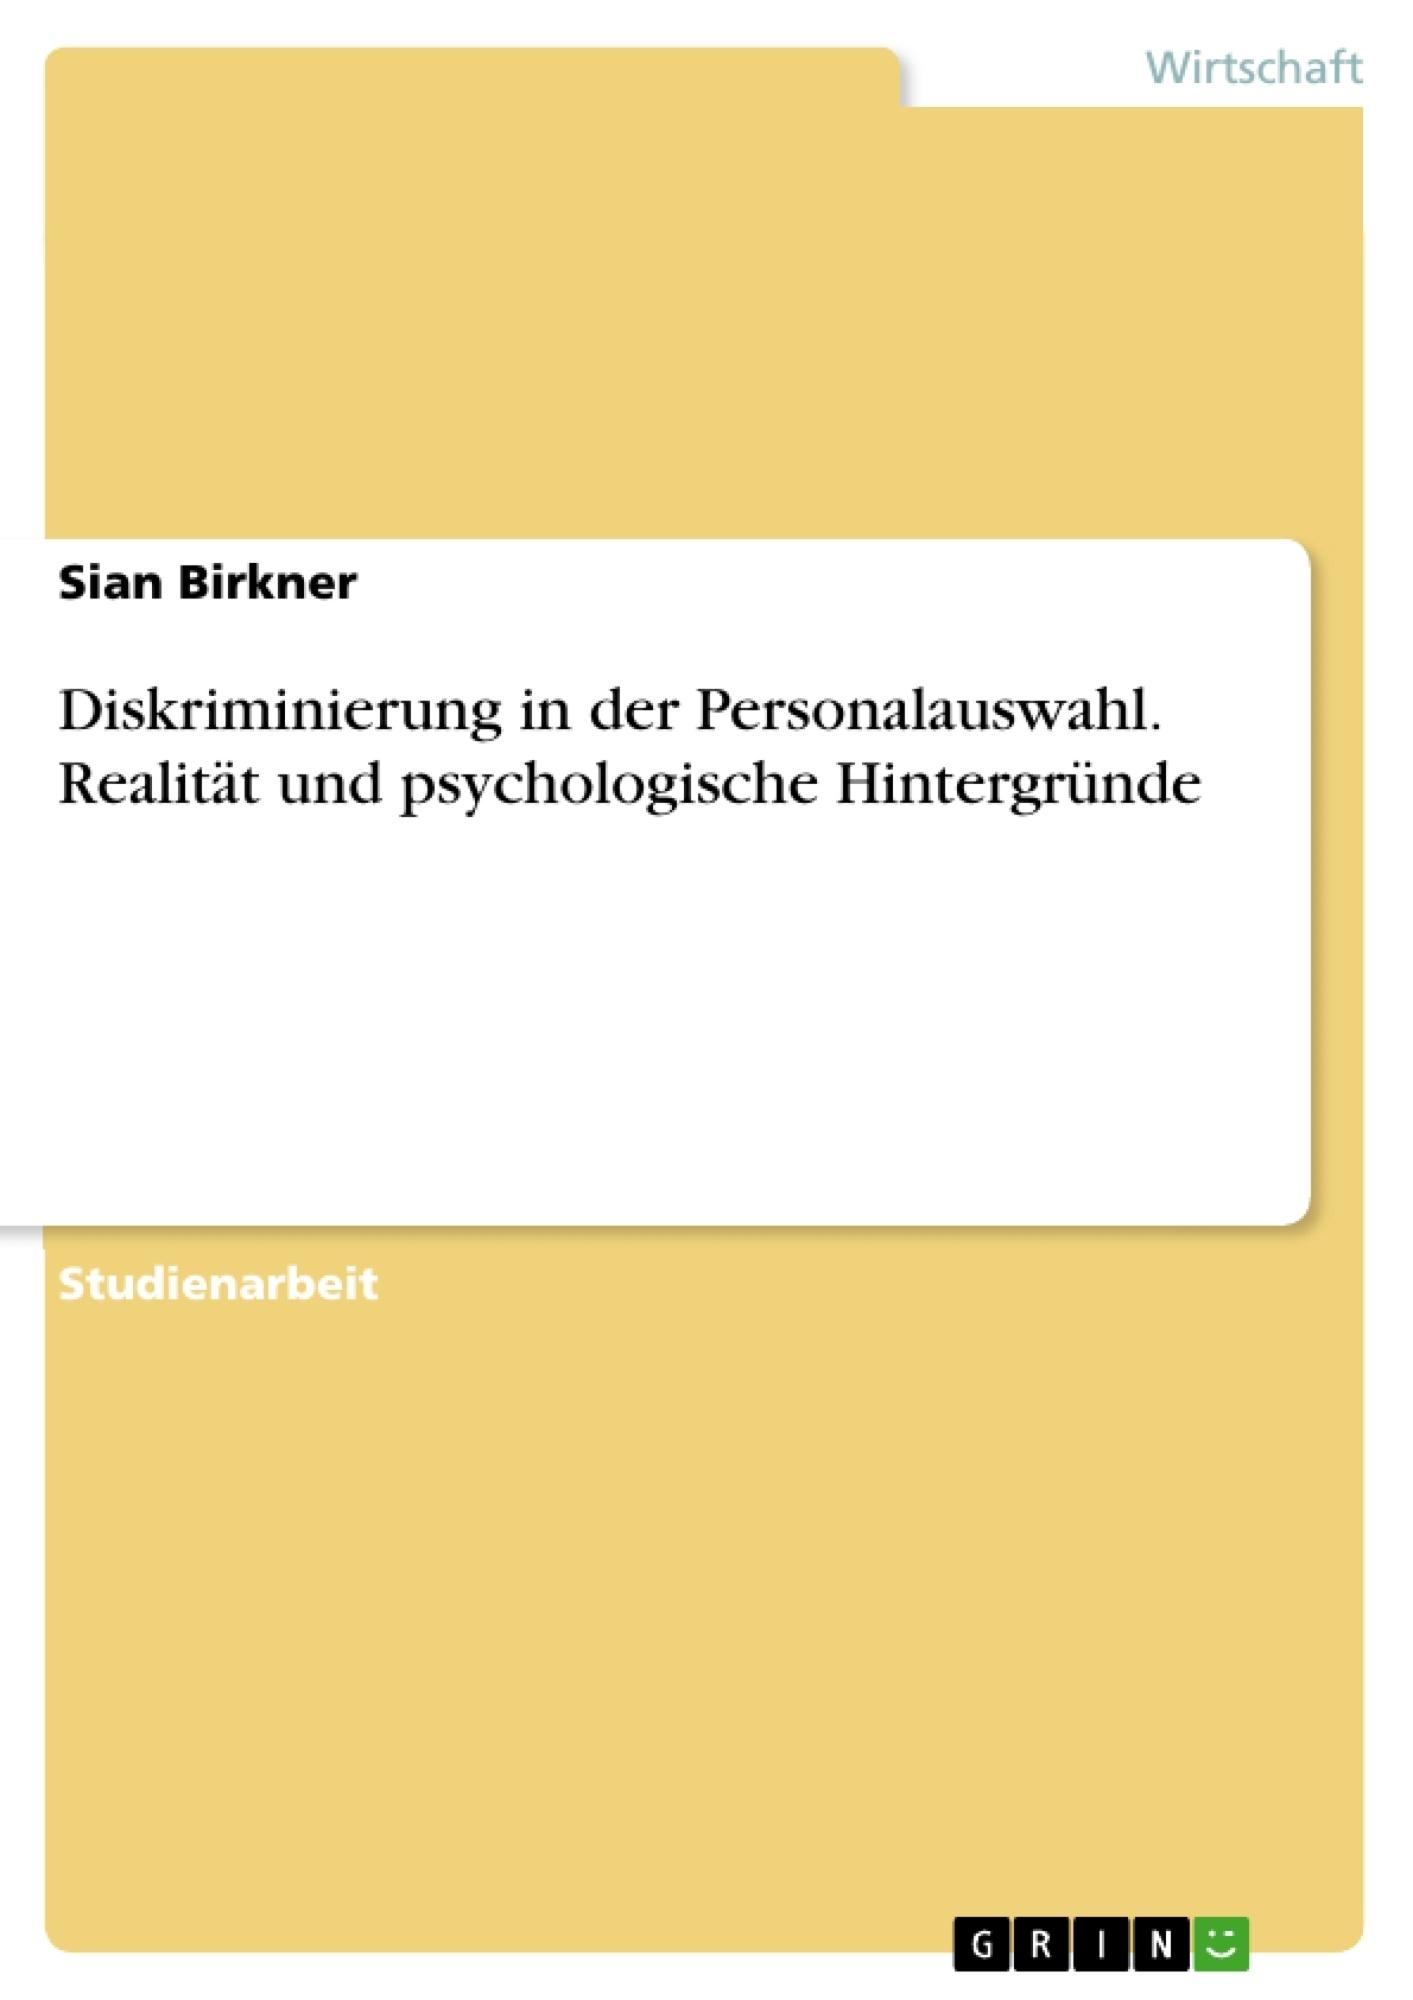 Titel: Diskriminierung in der Personalauswahl. Realität und psychologische Hintergründe